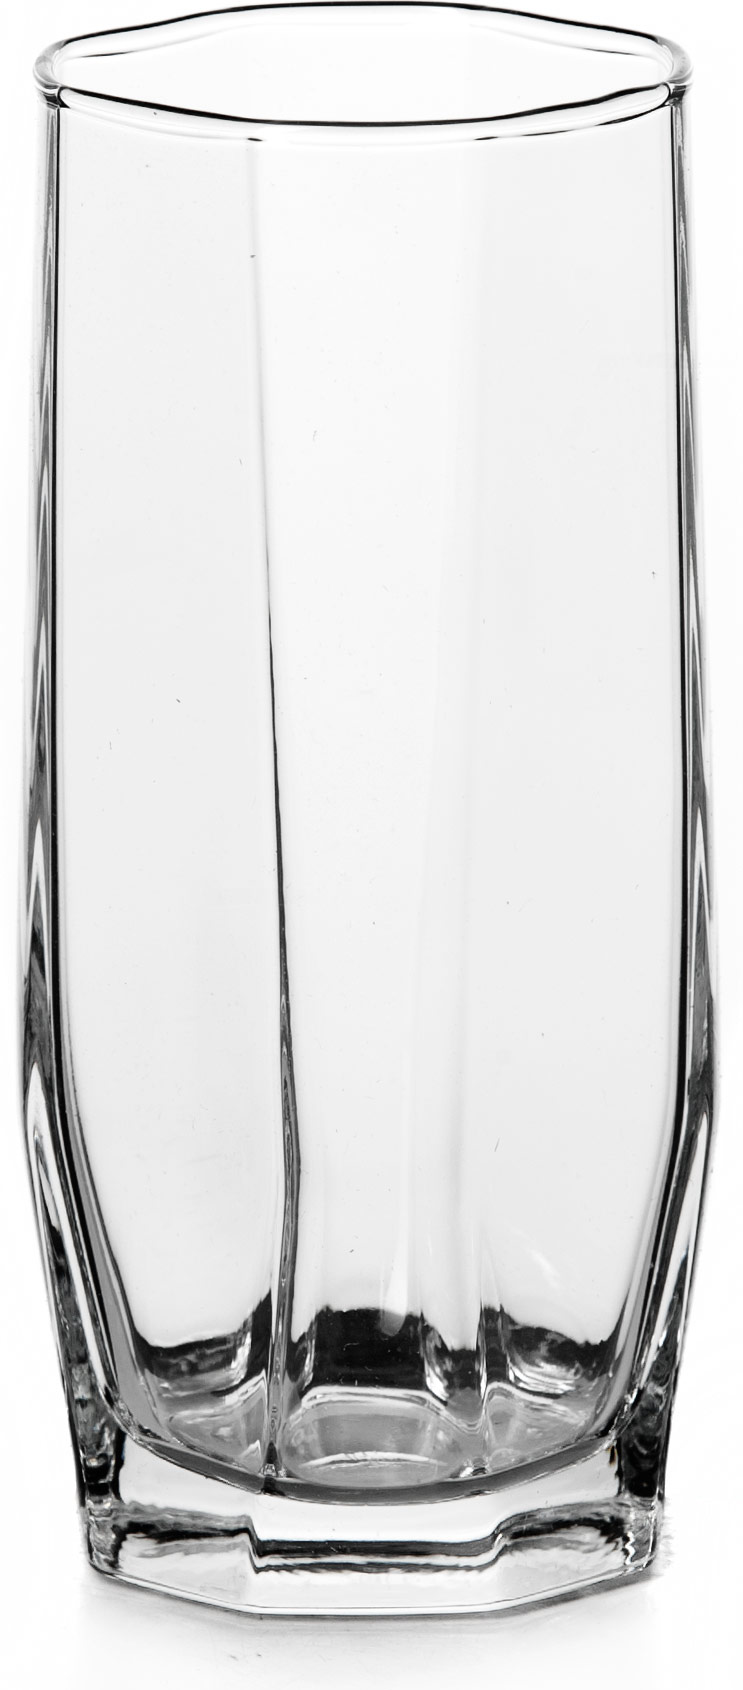 Набор стаканов для коктейлей Pasabahce Hisar, 275 мл, 6 шт набор стаканов pasabahce касабланка 355 мл 6 шт 52704bt